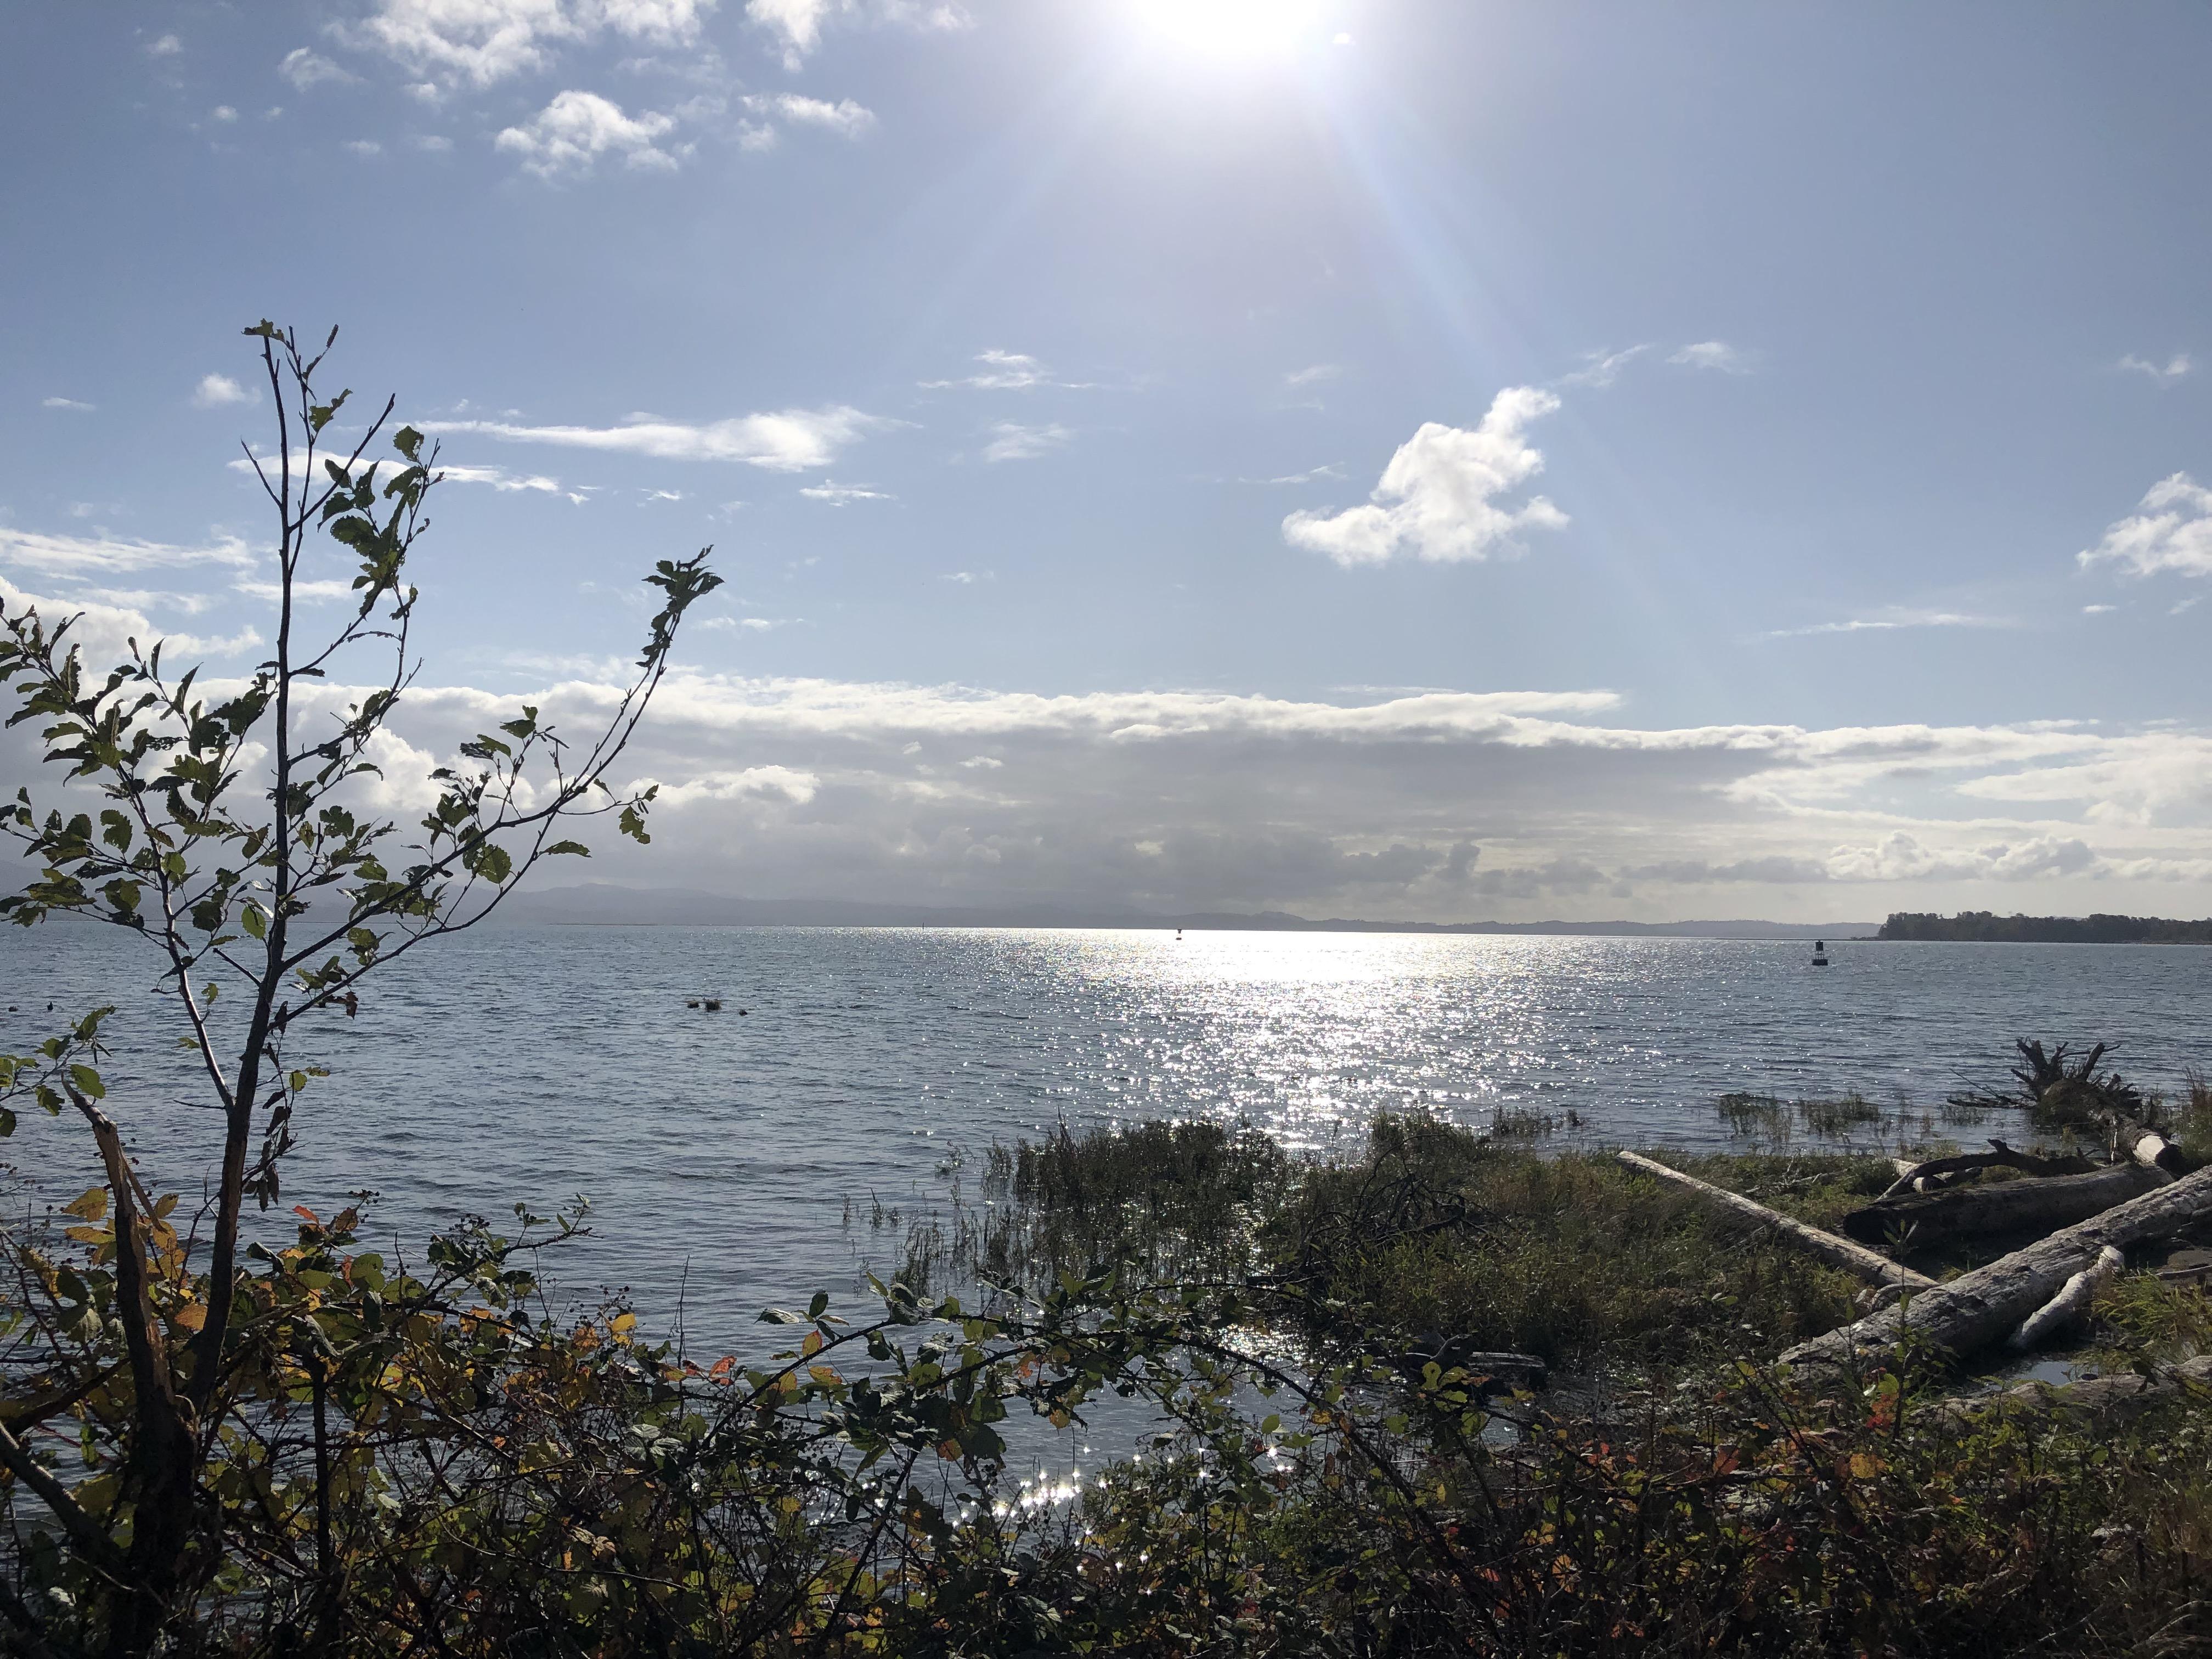 Altoona View